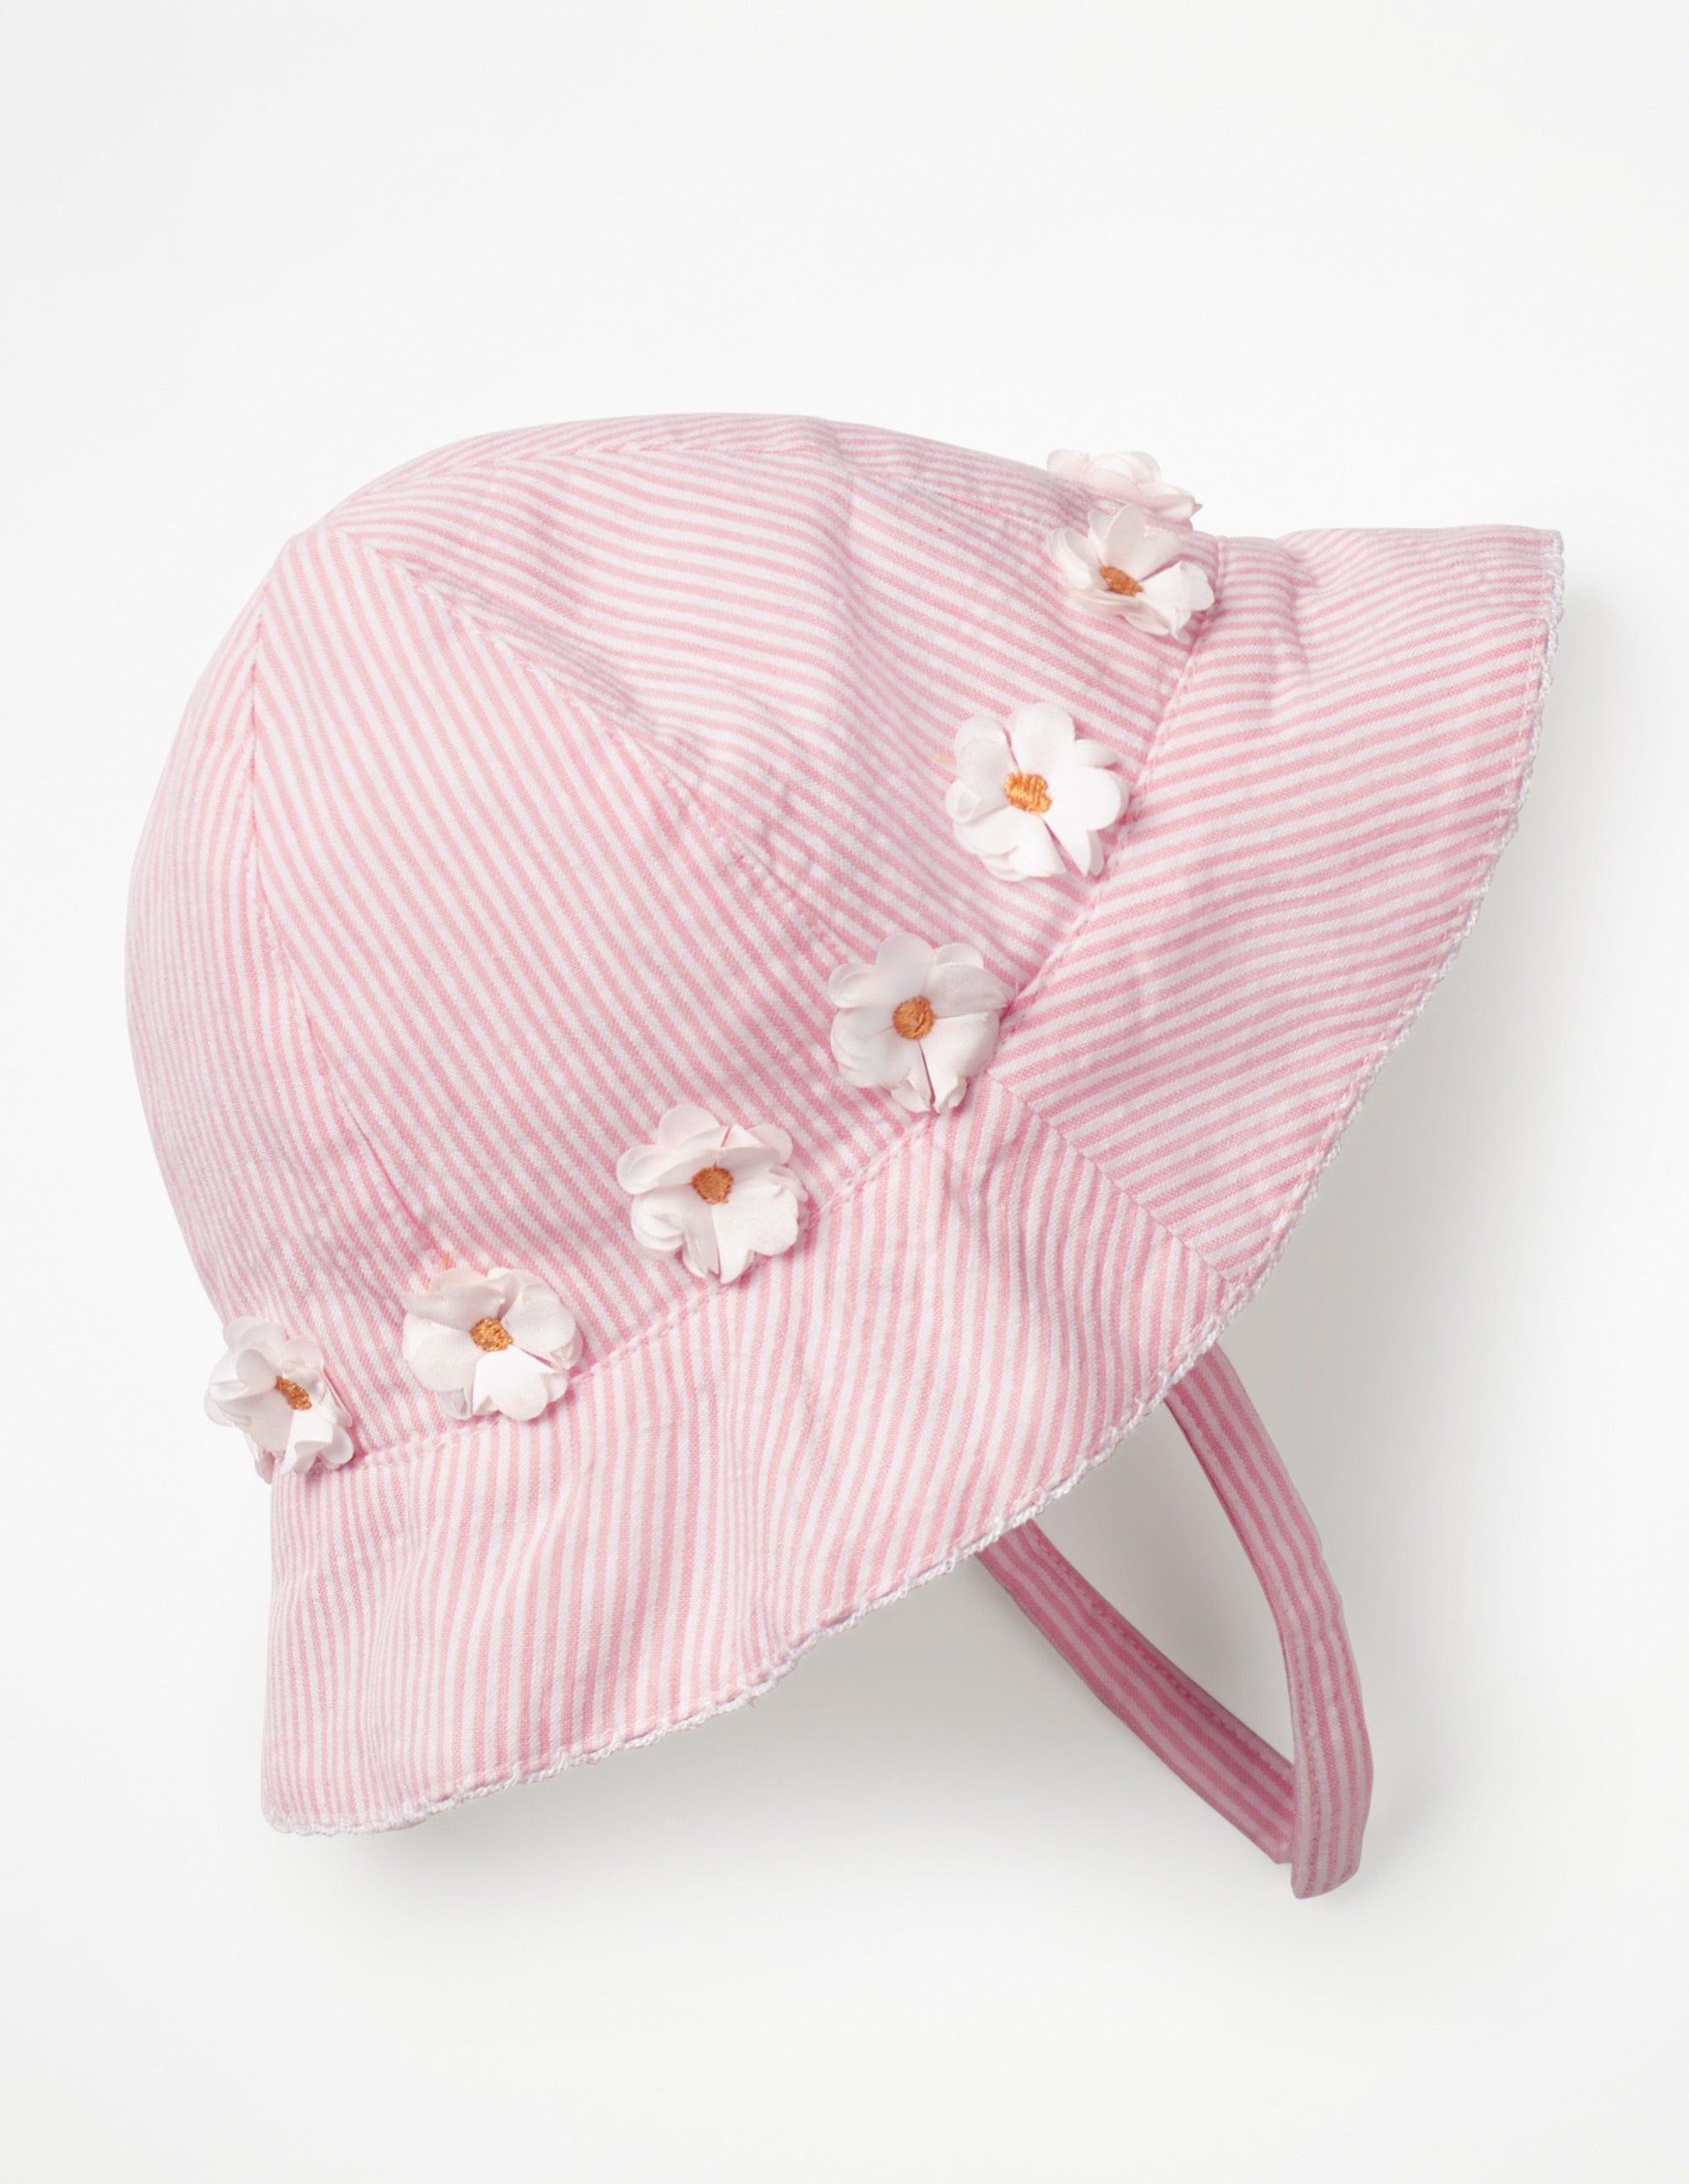 Joli chapeau tissé PNK Bébé Boden, Pink